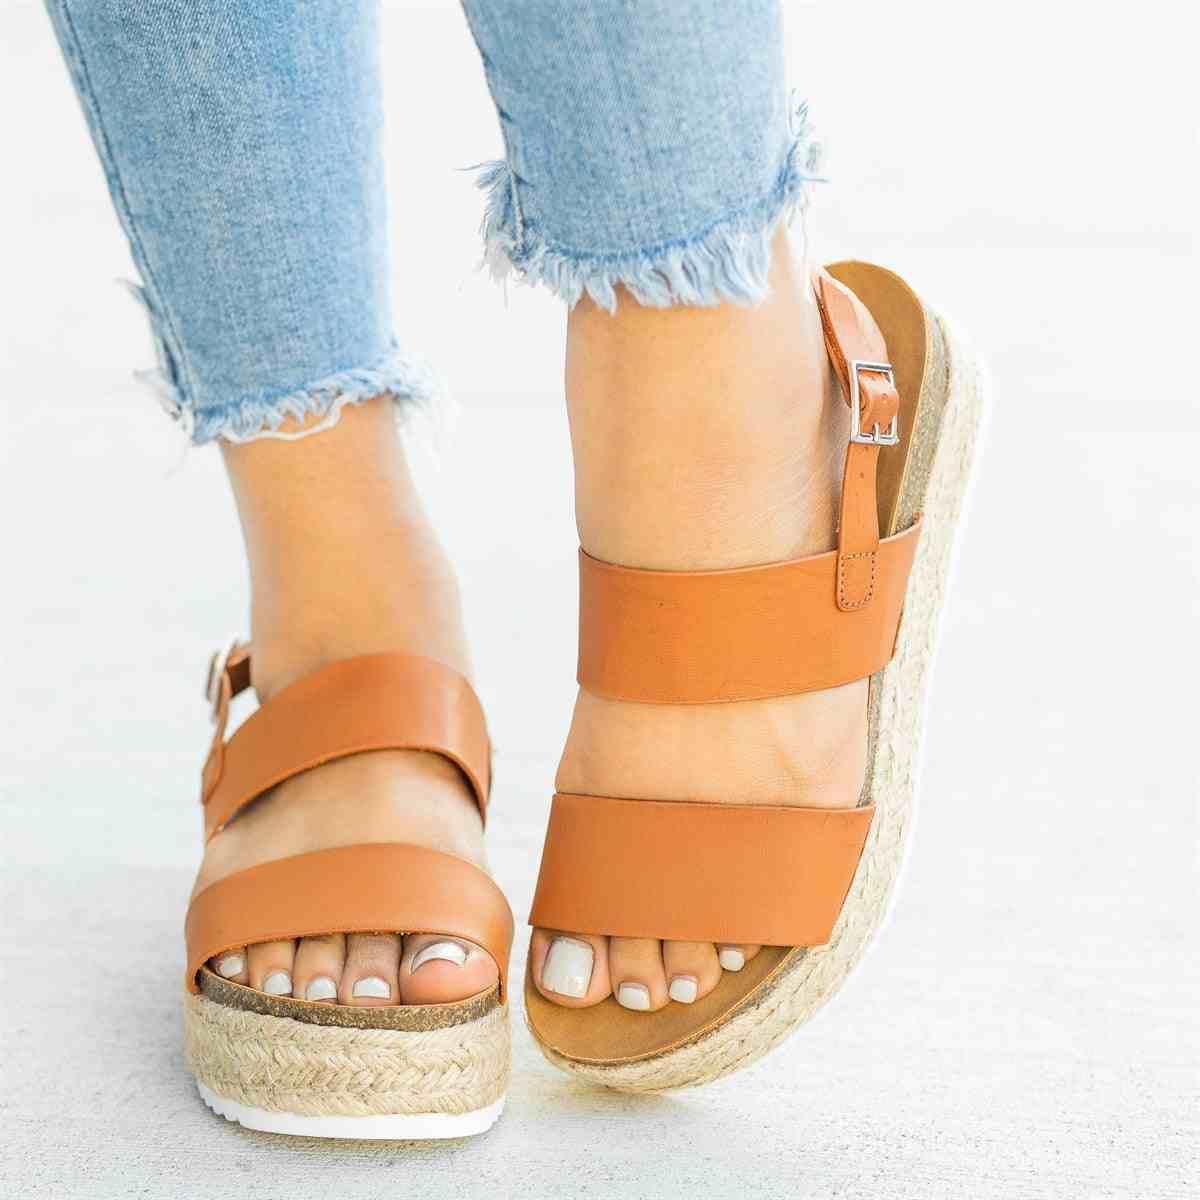 Cuero Zapatos Prendas Mujeres Grueso De Mujer Con Las Sandalias Verano Plataforma Nuevo Cuñas Para Tacones 2019 QthrdCs